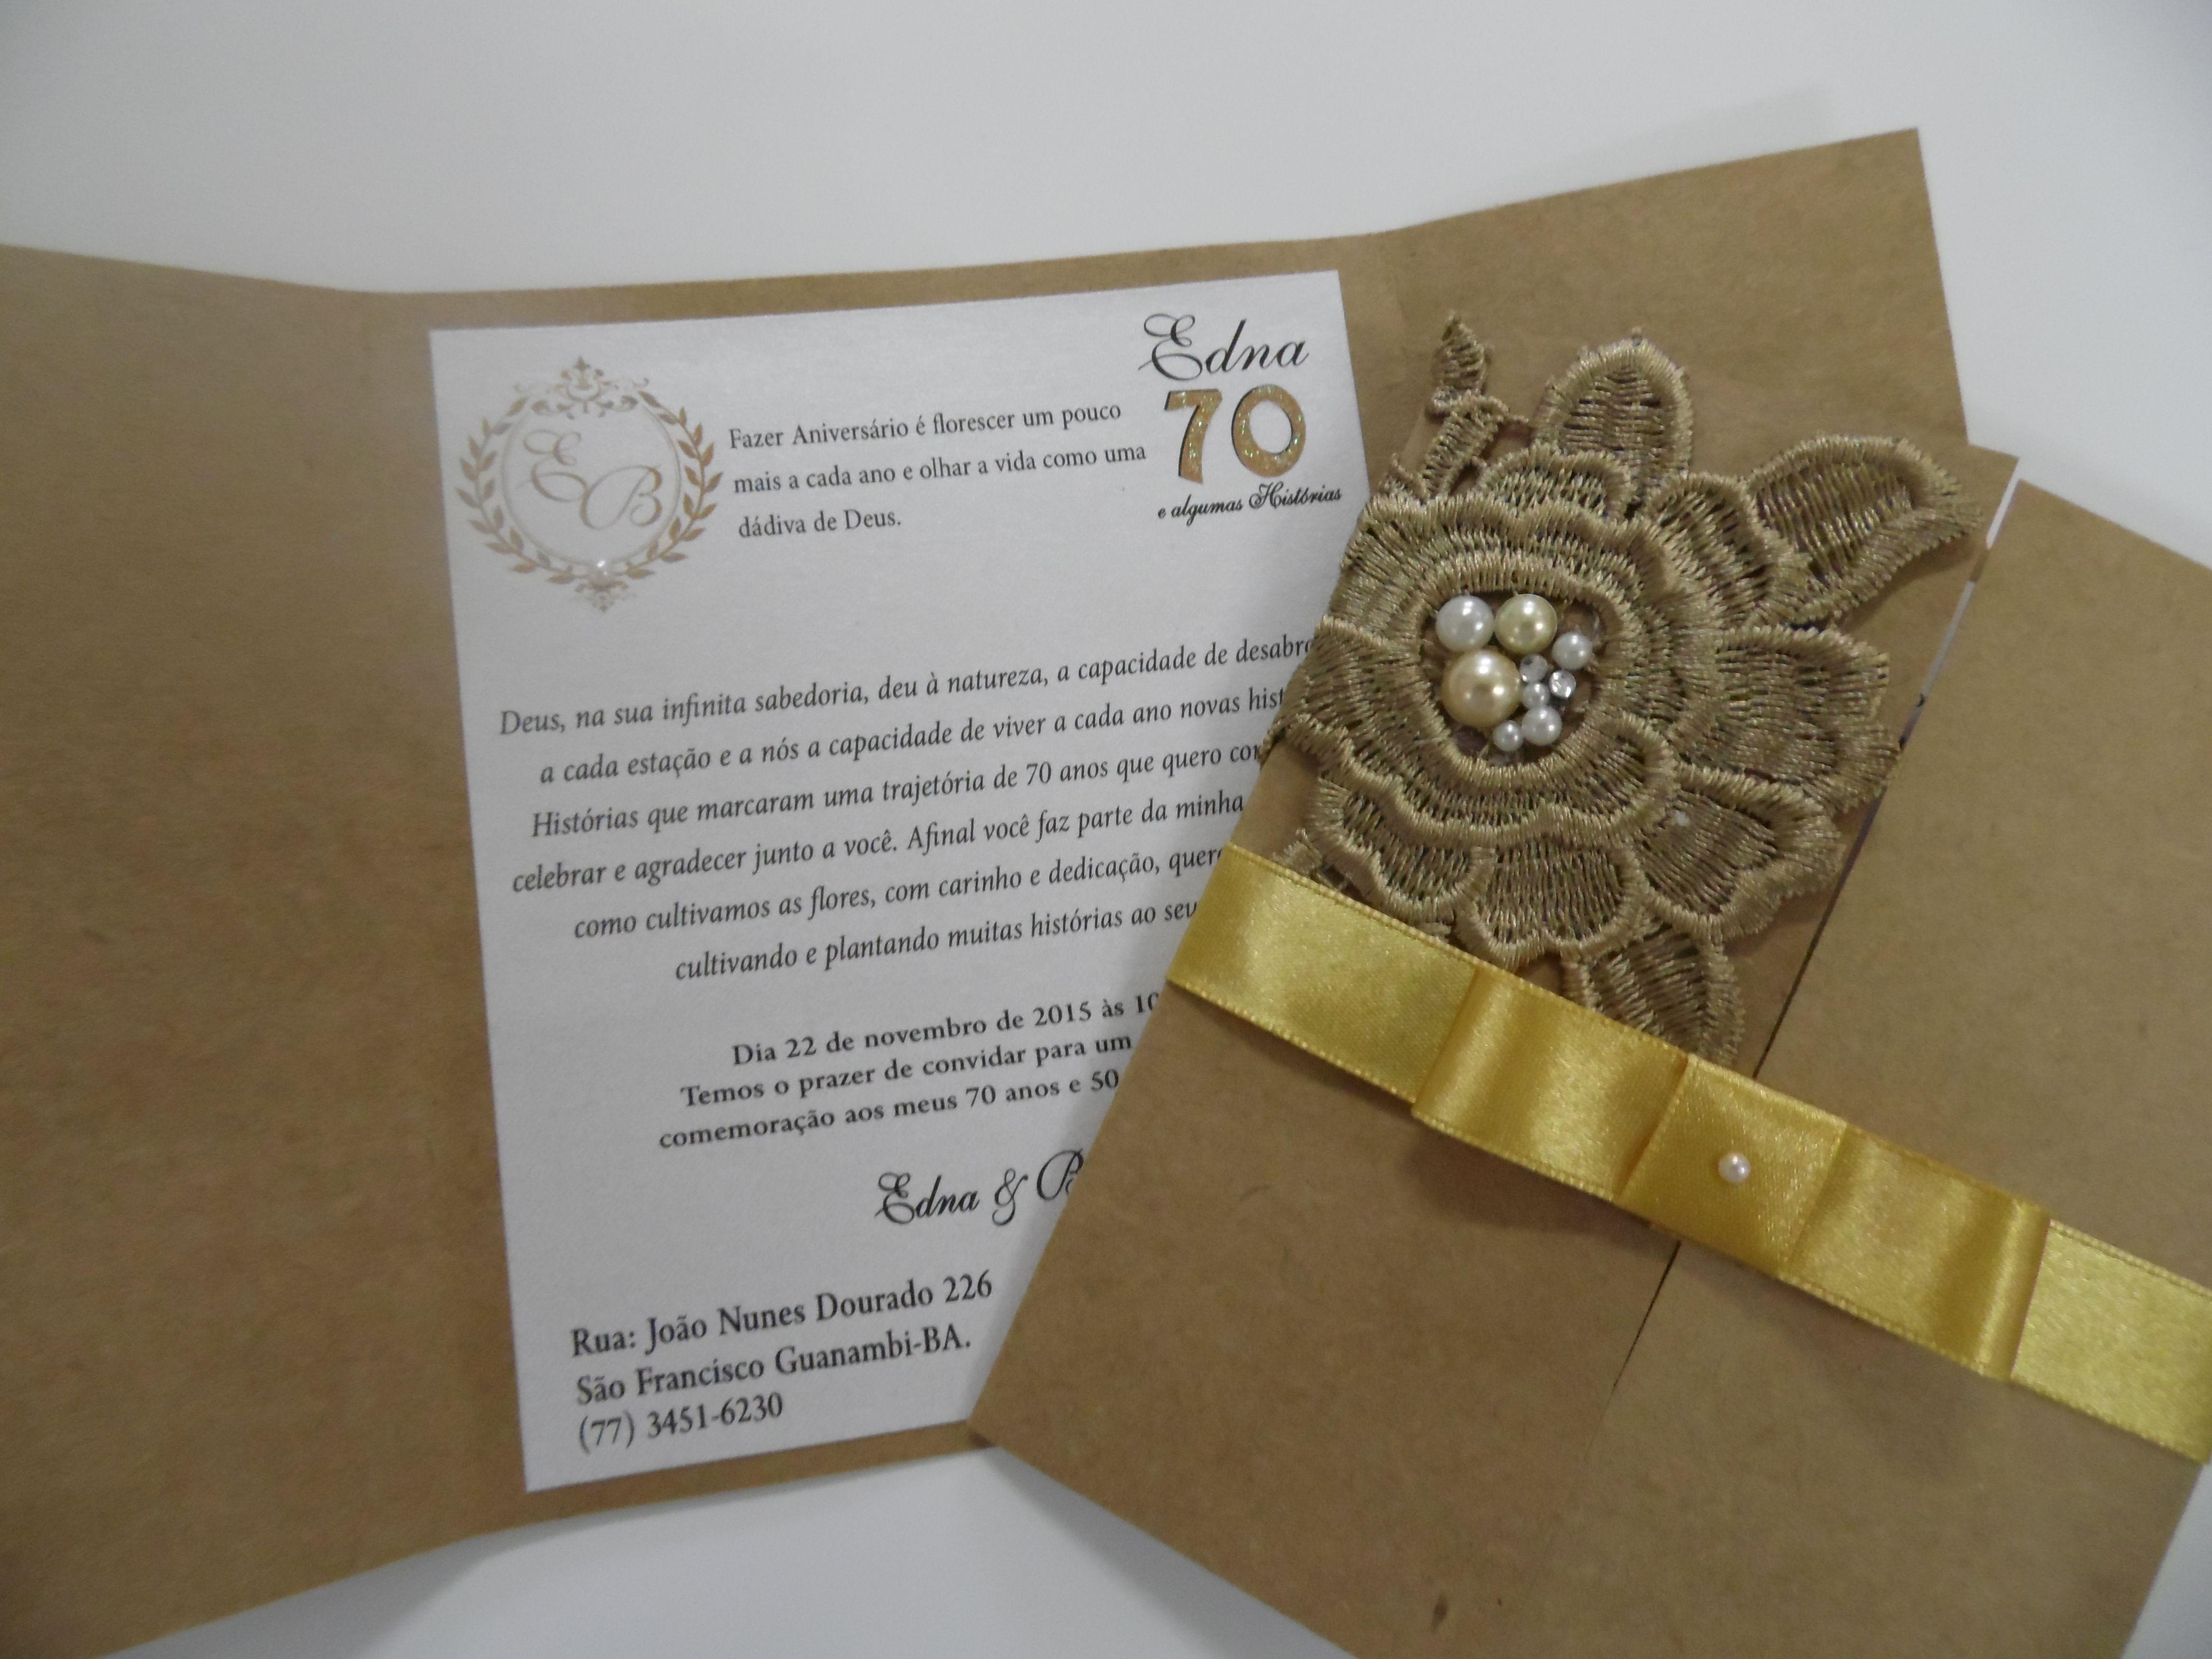 Convite Bodas de Ouro | Bodas | Pinterest | Bodas de ouro ...